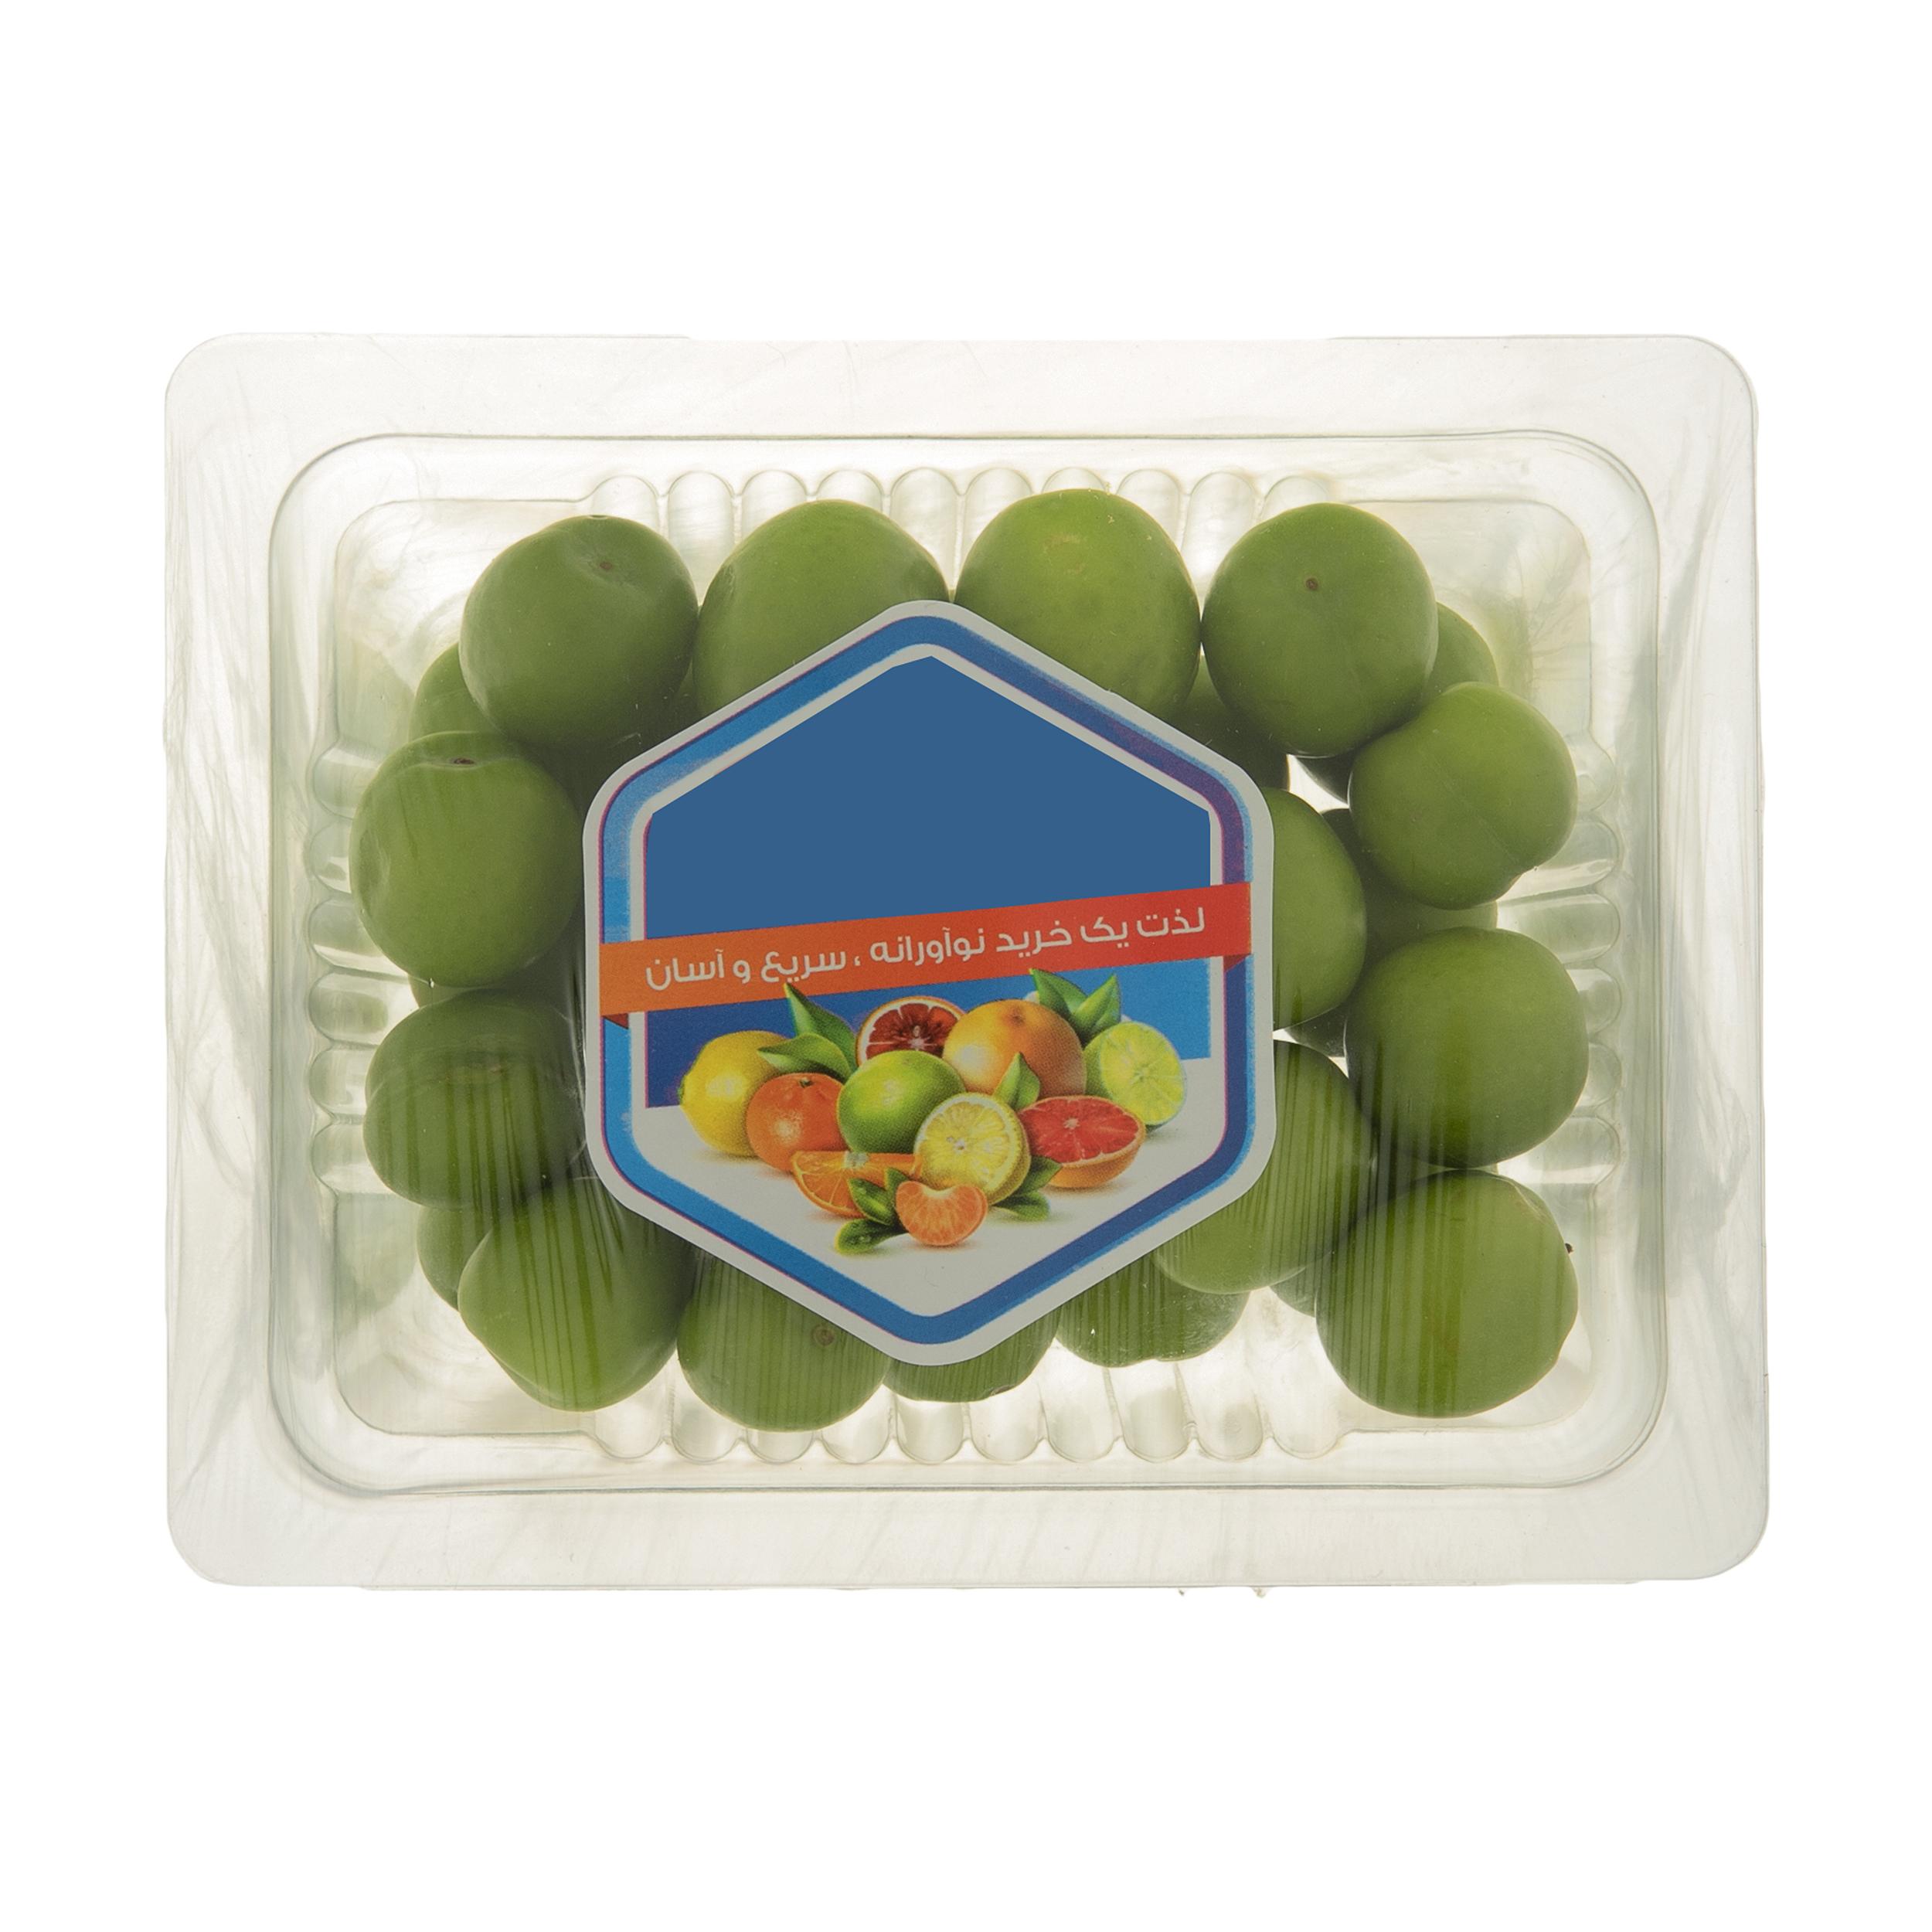 گوجه سبز ميوه پلاس - 200 گرم